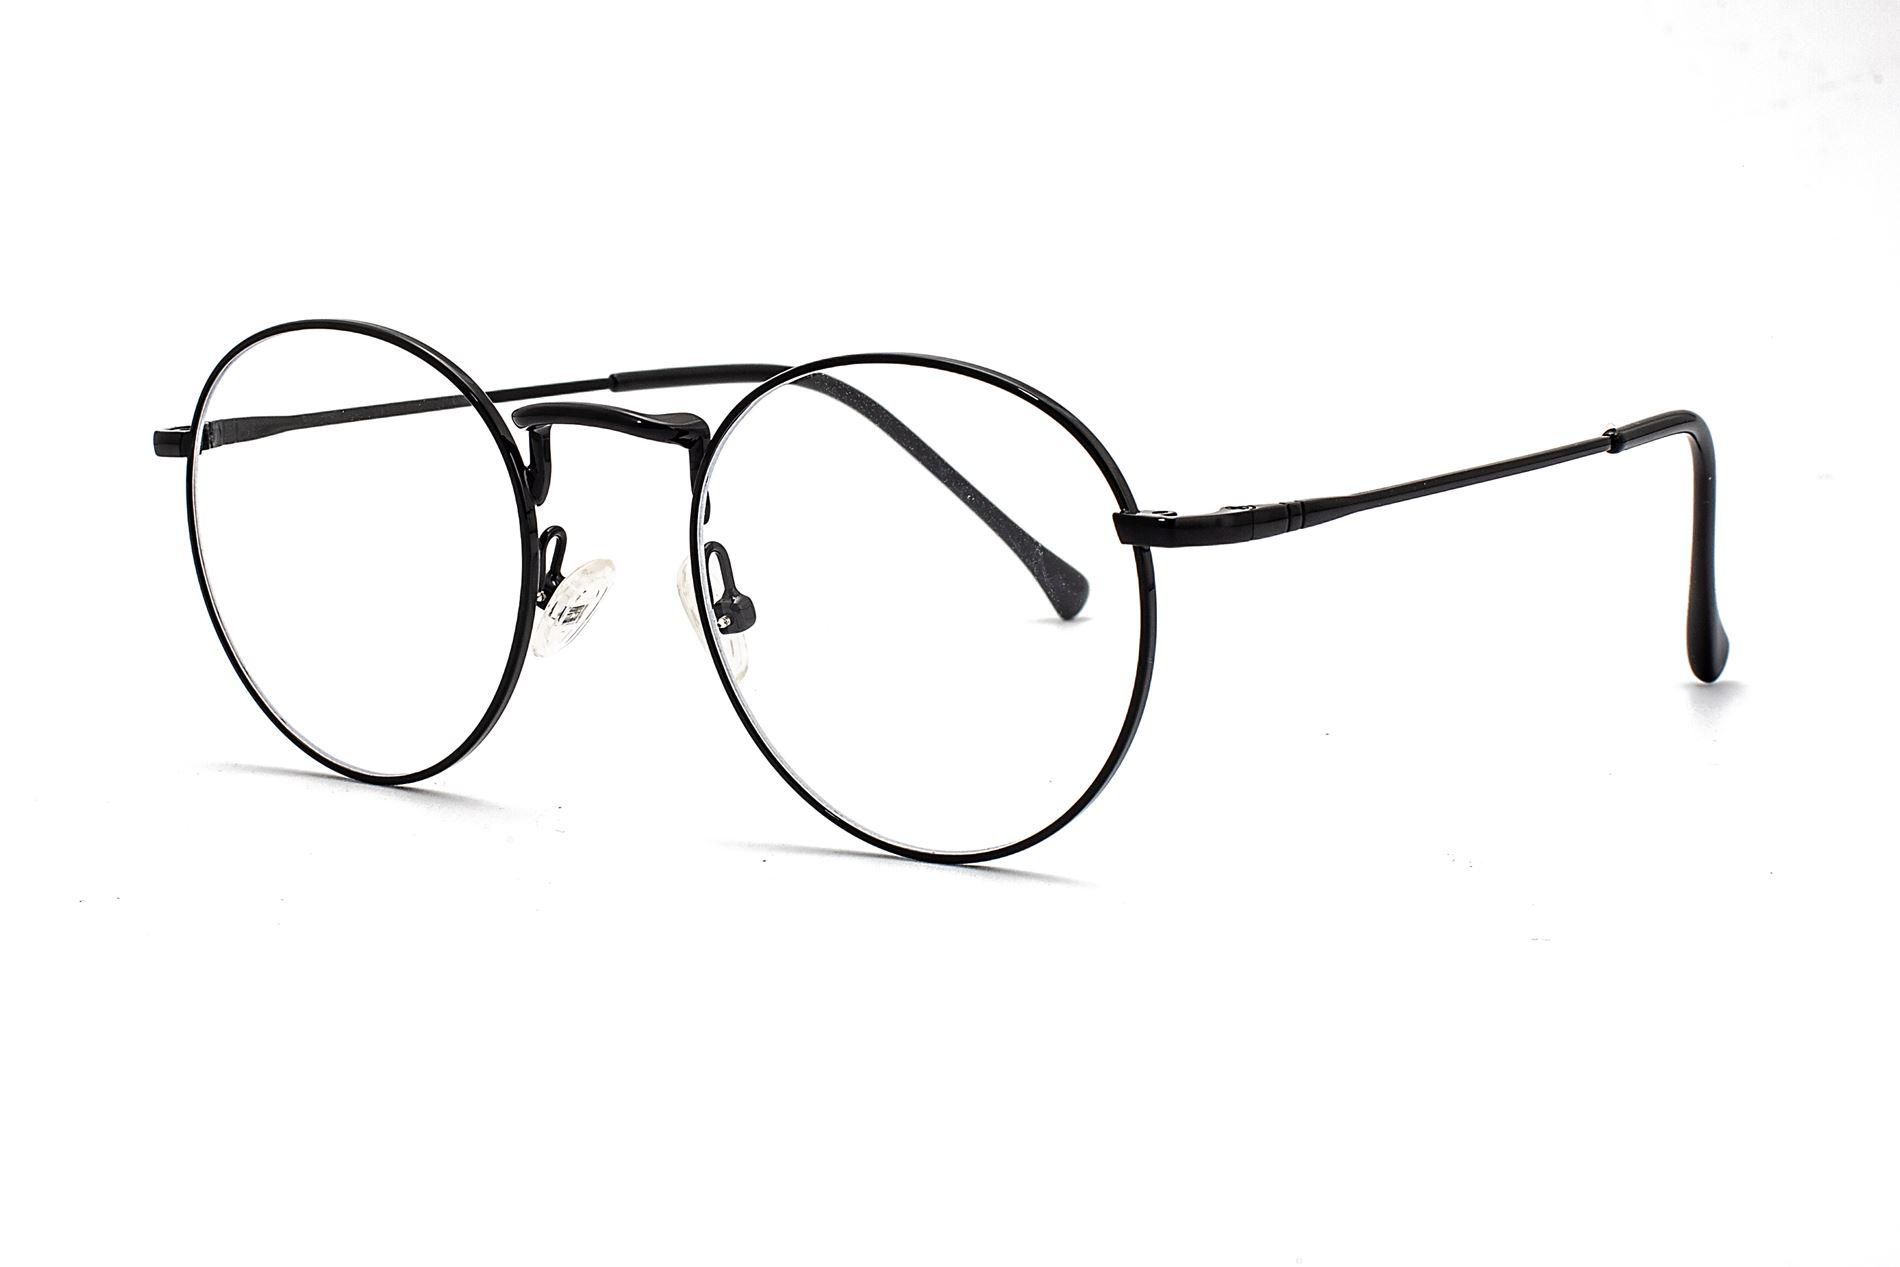 金属圆框抗蓝光眼镜 66006-C11